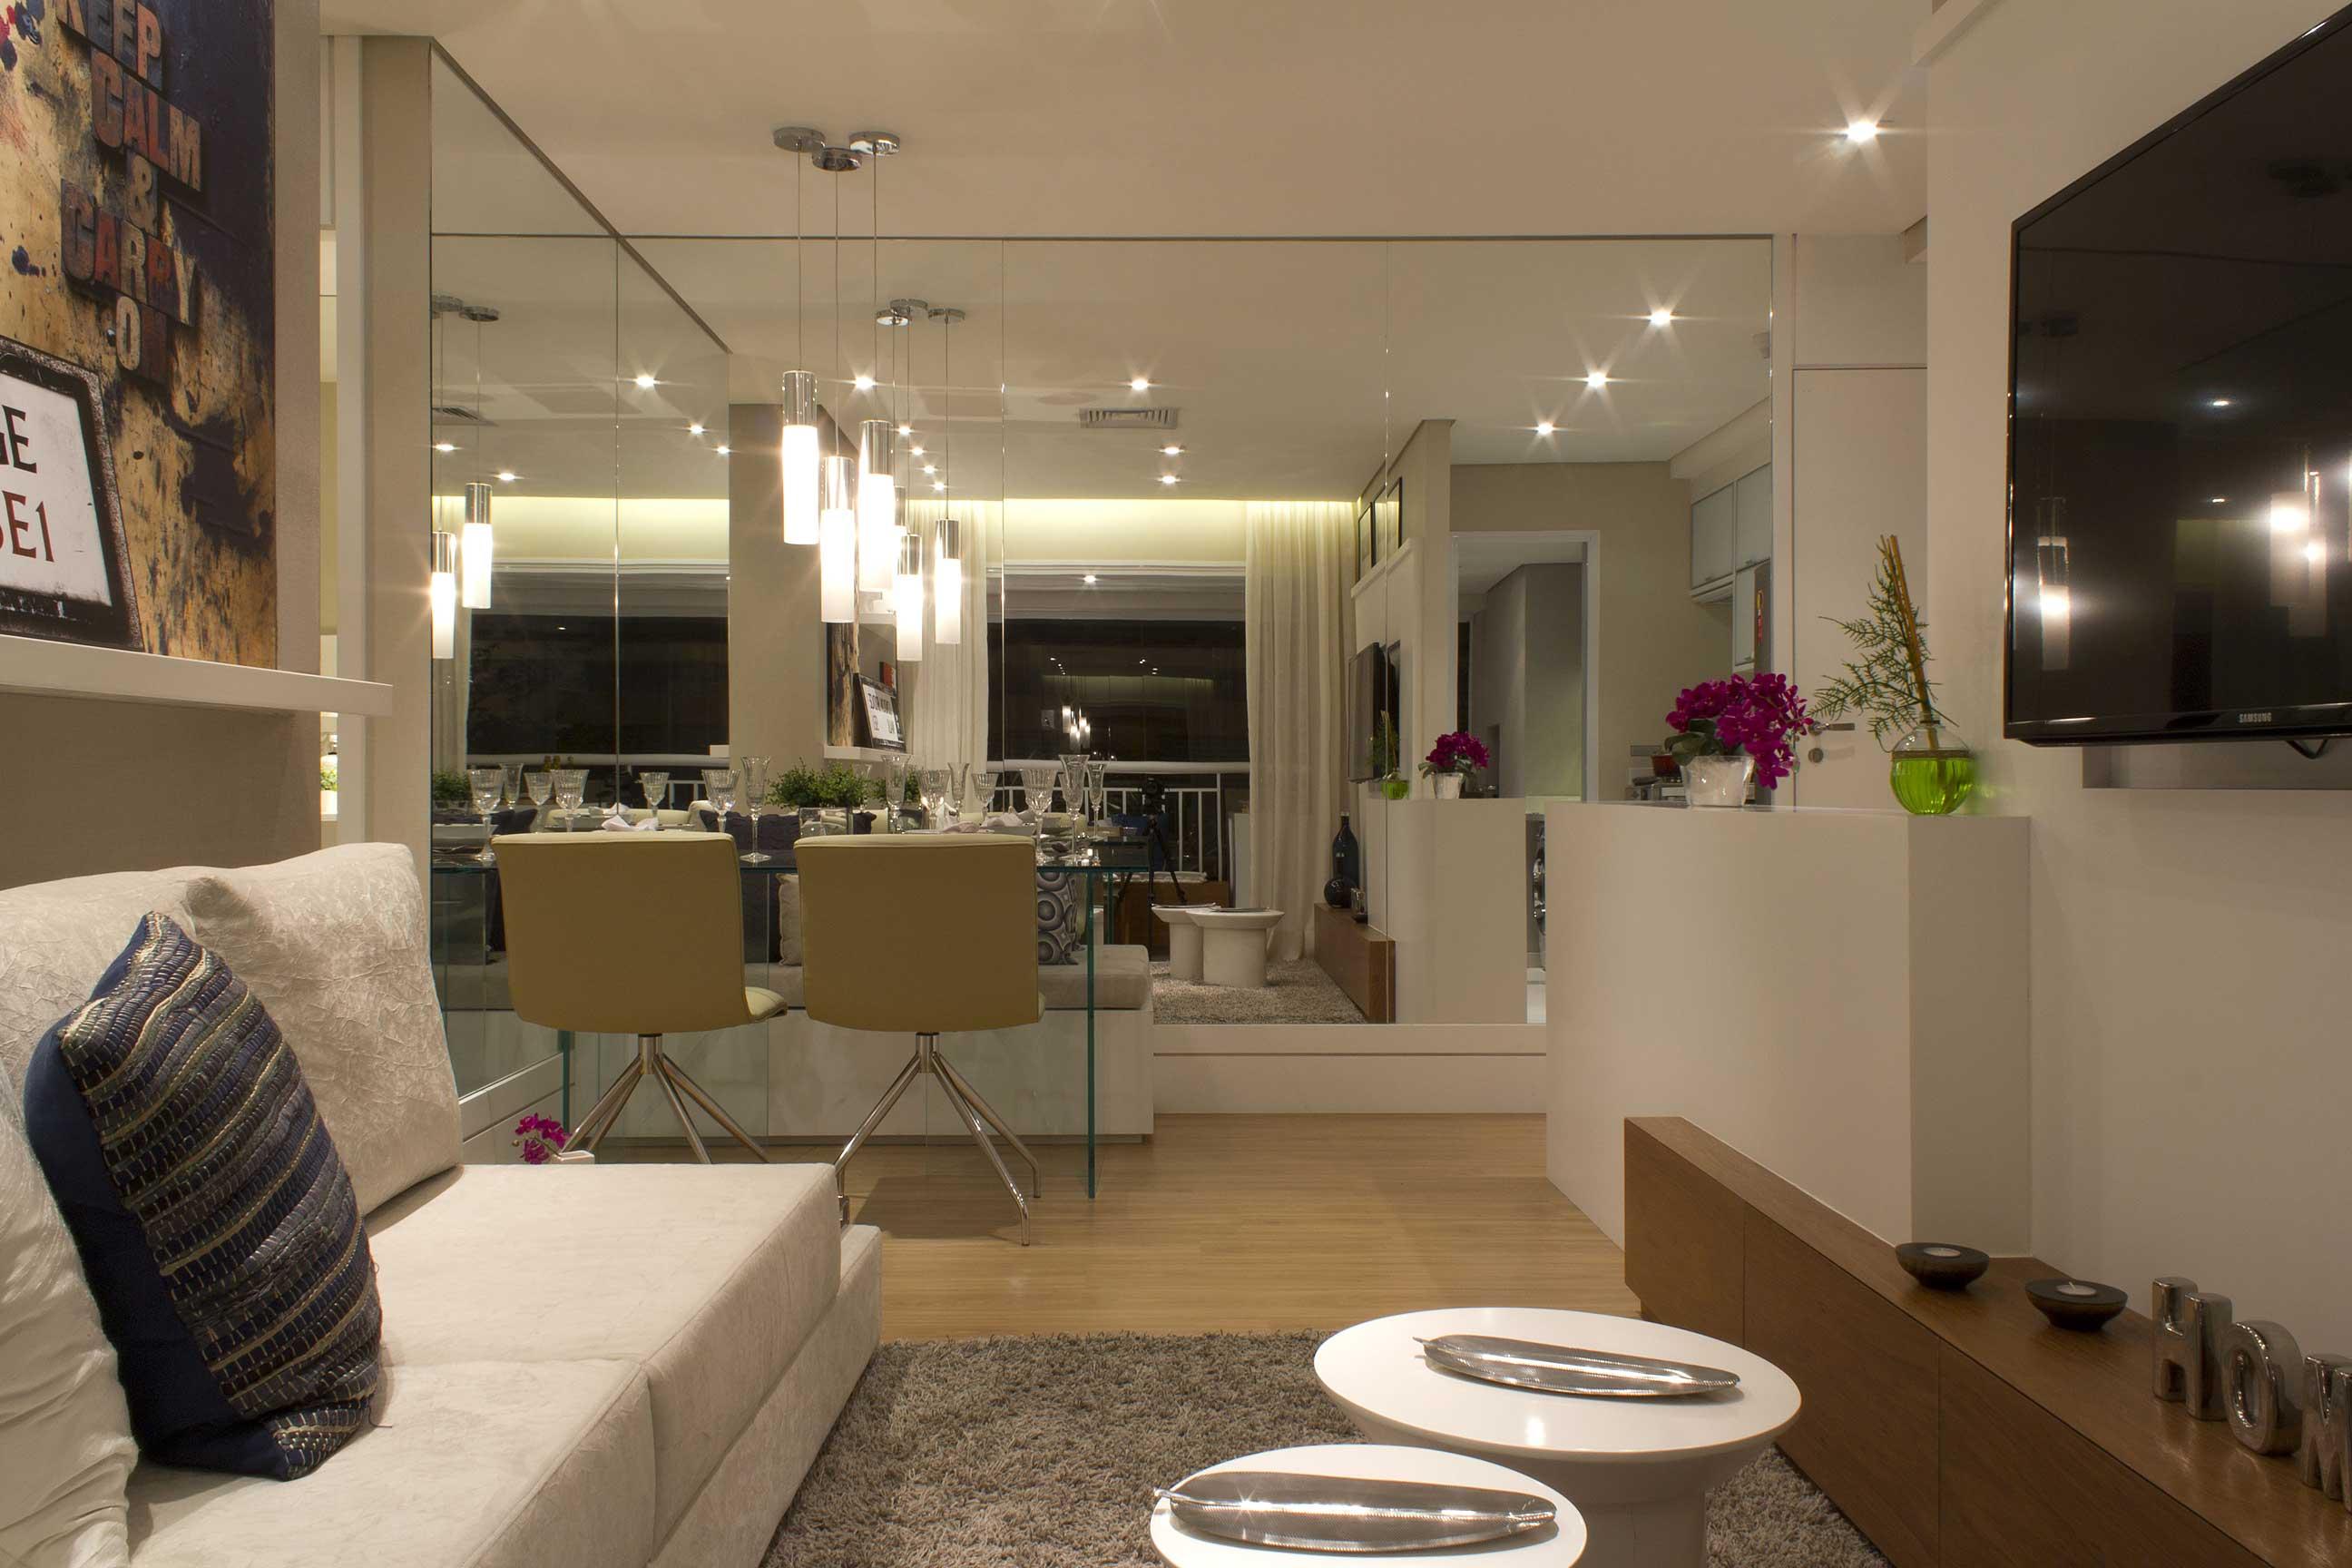 decoracao de apartamentos pequenos e charmosos : decoracao de apartamentos pequenos e charmosos:Decoração para apartamentos pequenos: truques para aproveitar melhor